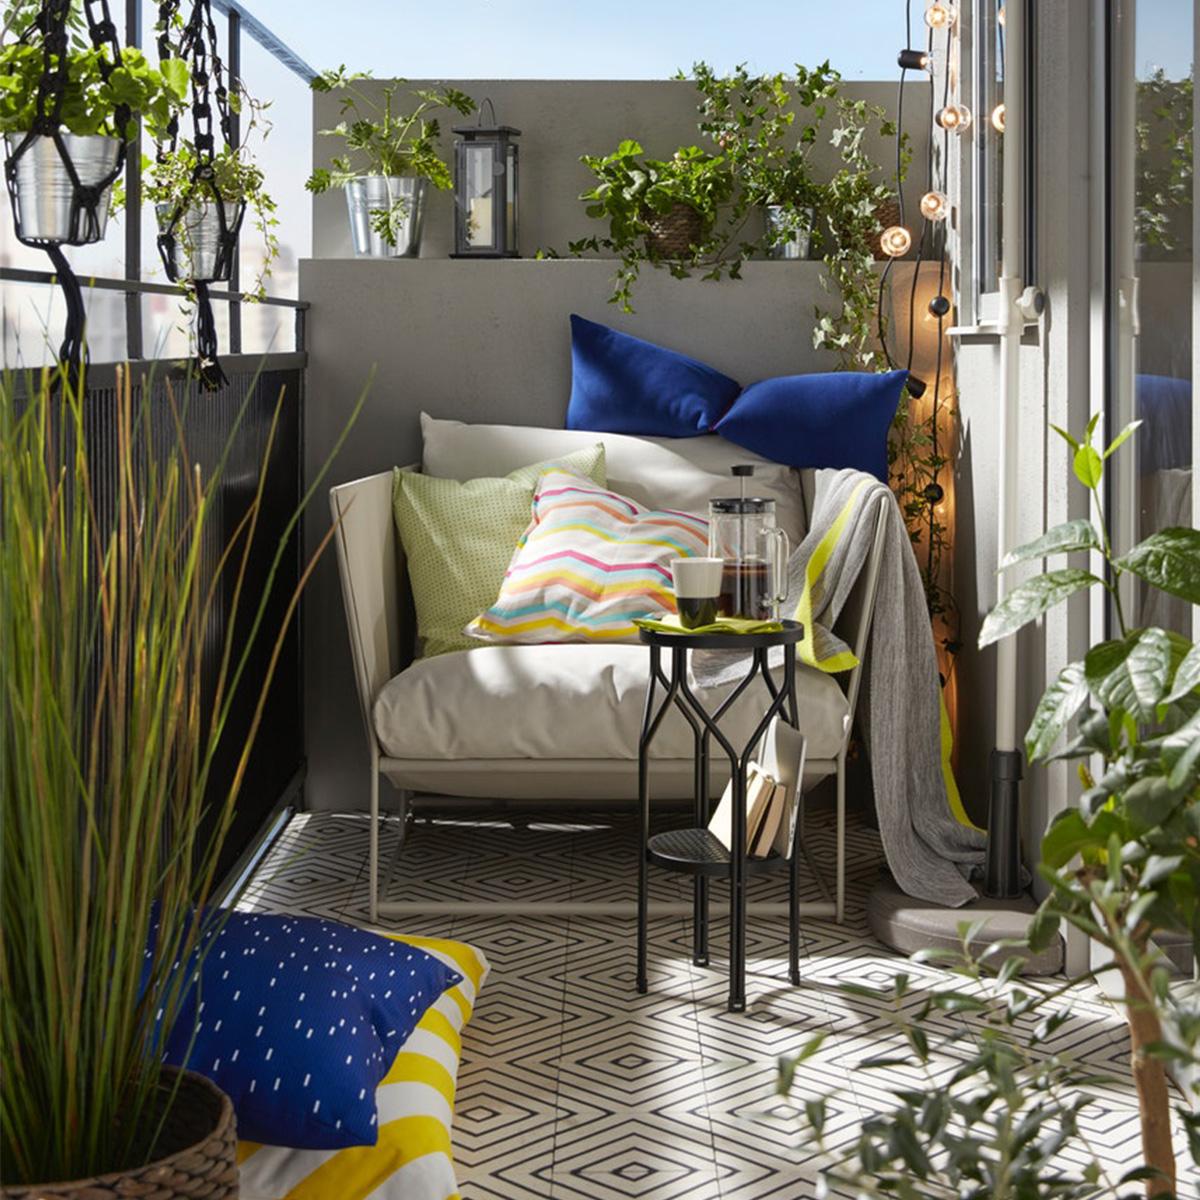 Petit Salon De Jardin Pour Balcon Luxe Idées Pour L ... serapportantà Transat Jardin Ikea